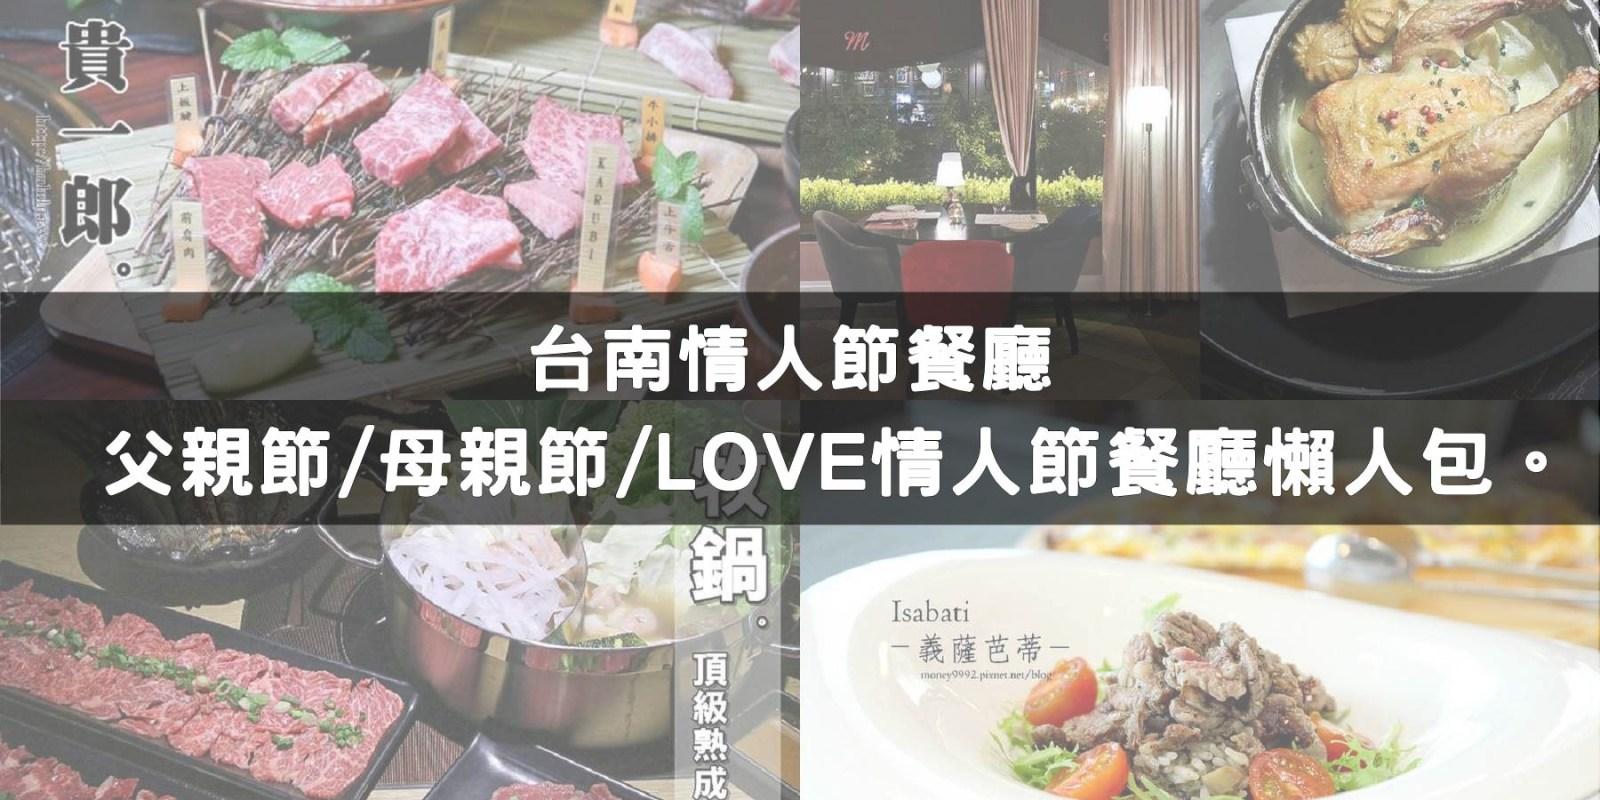 台南情人節餐廳 台南過節日餐廳哪裡找?!父親節/母親節/LOVE情人節餐廳懶人包。台南美食必去。(2018/8更新)